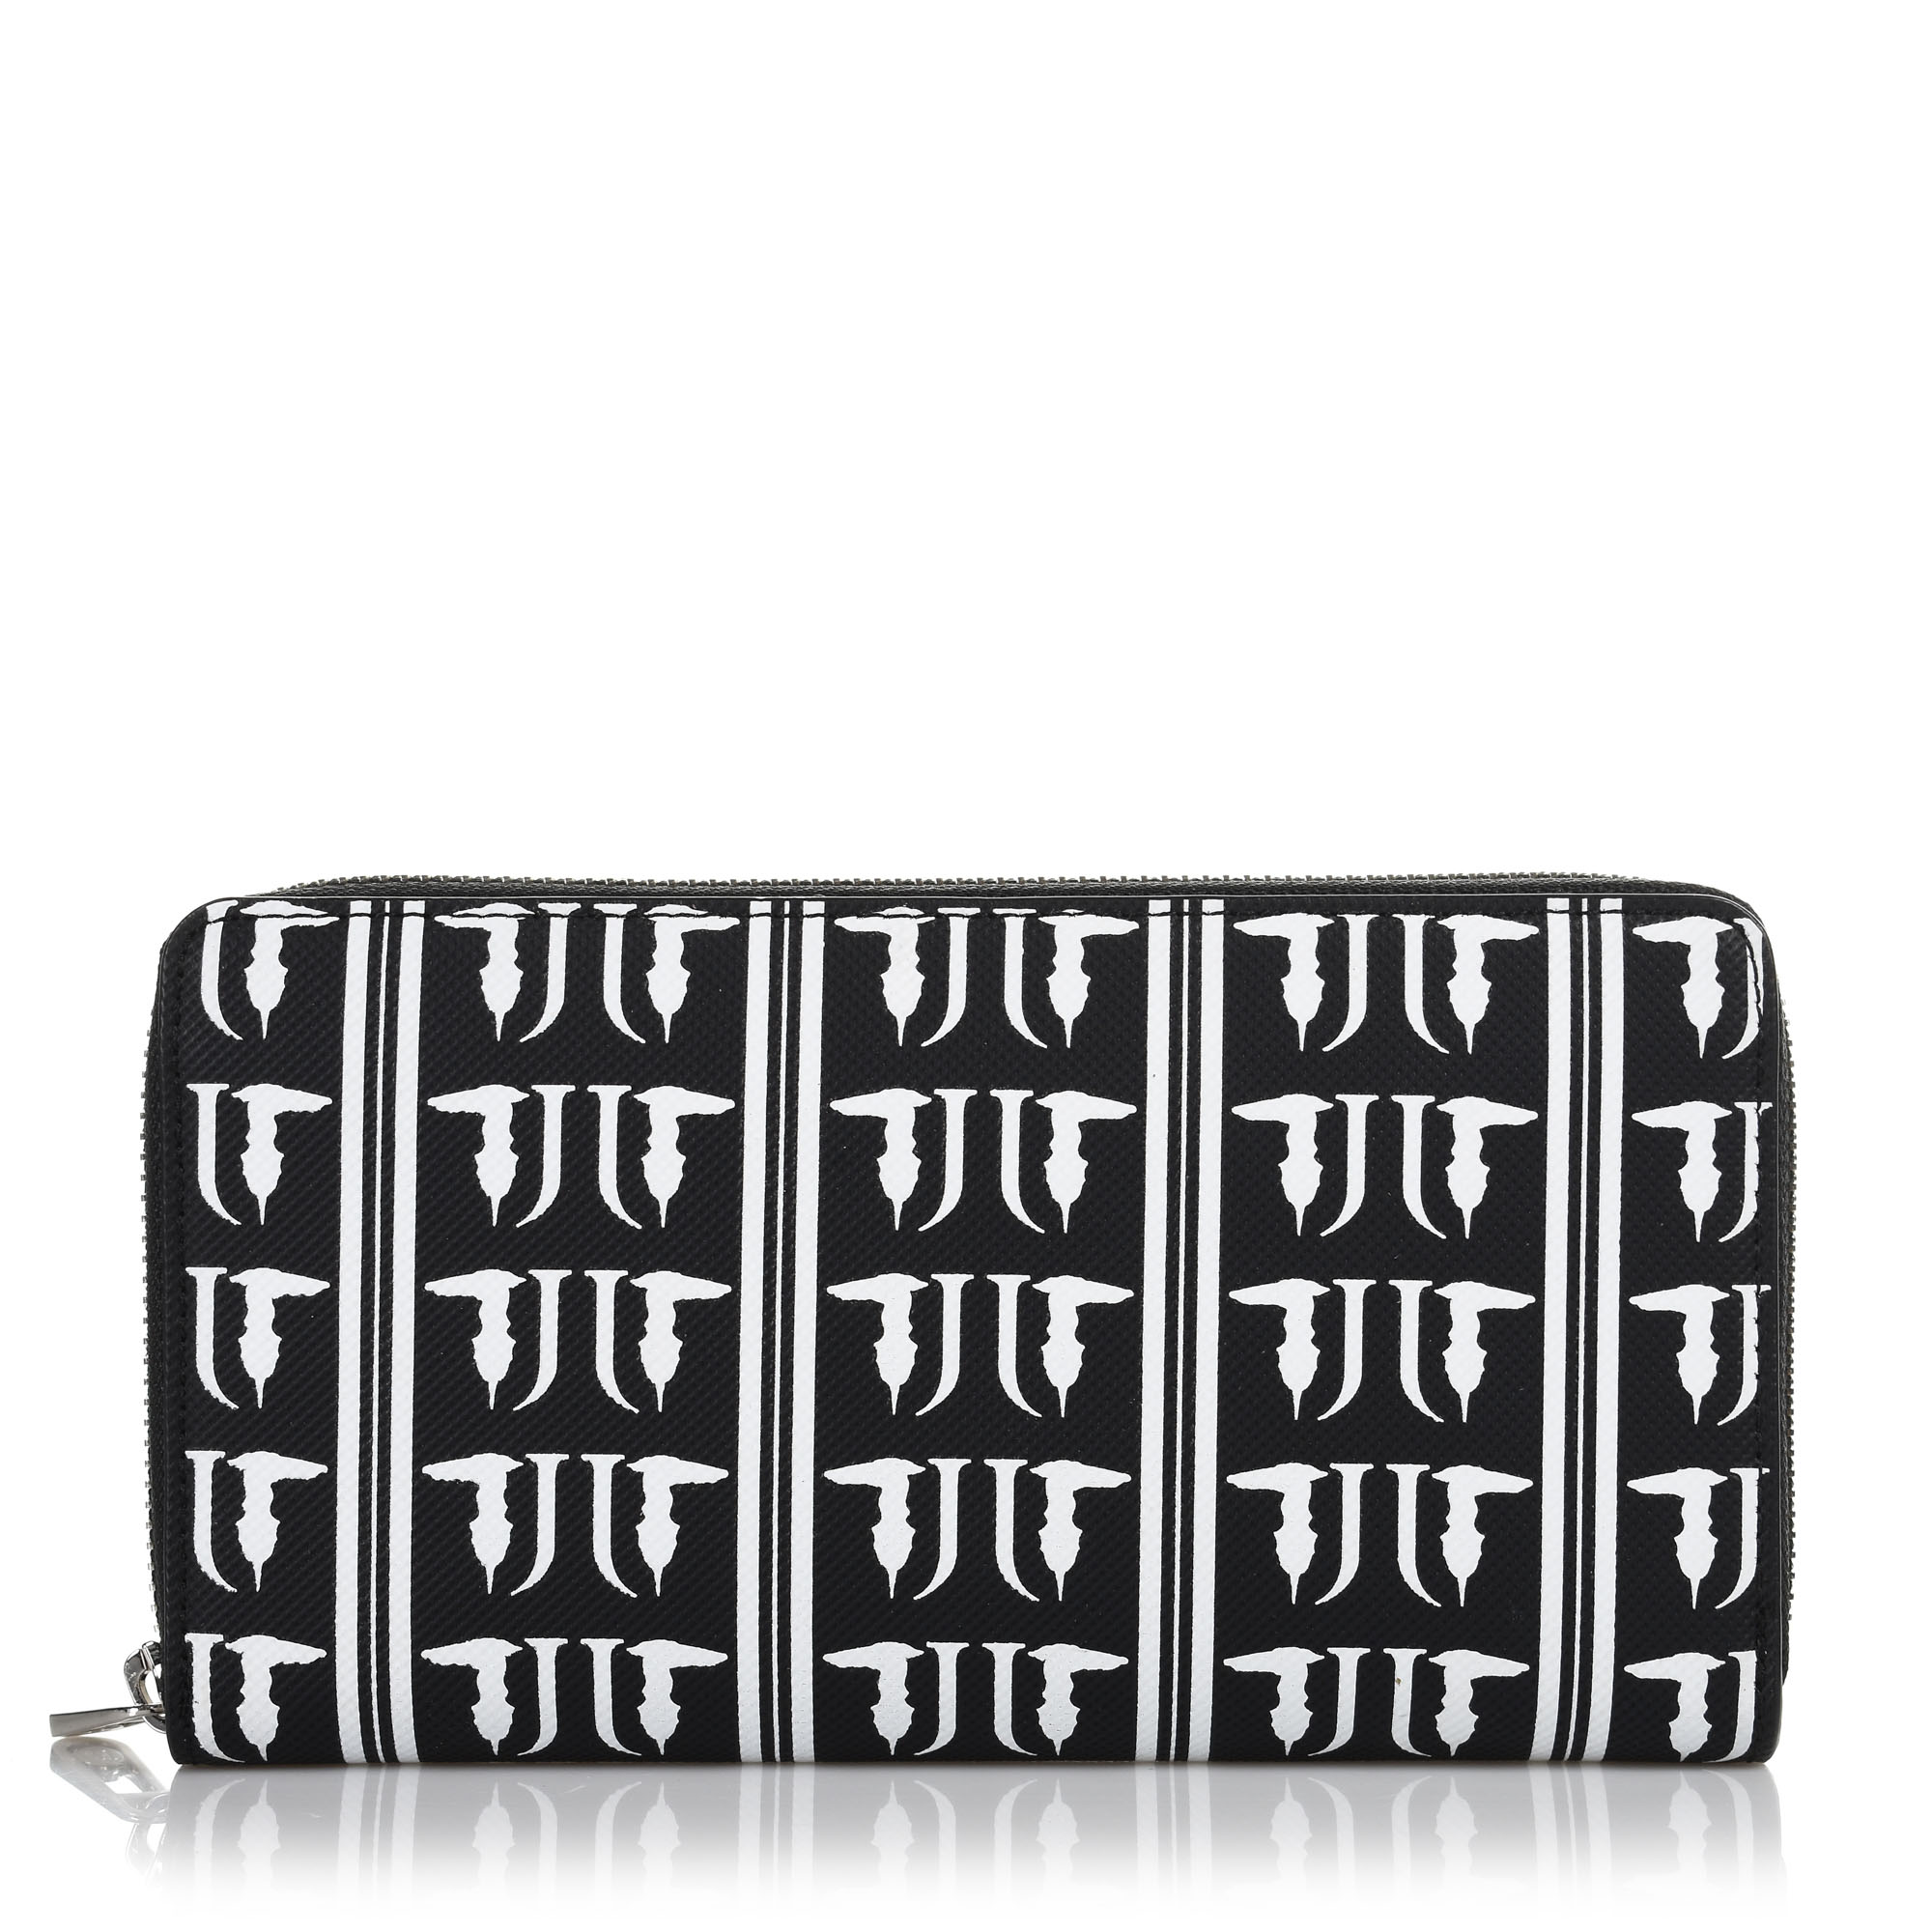 Δερμάτινο Πορτοφόλι Κασετίνα Trussardi Jeans T-Easy Monogram Zip 3 Pocket 75W001 γυναικα   γυναικείο πορτοφόλι